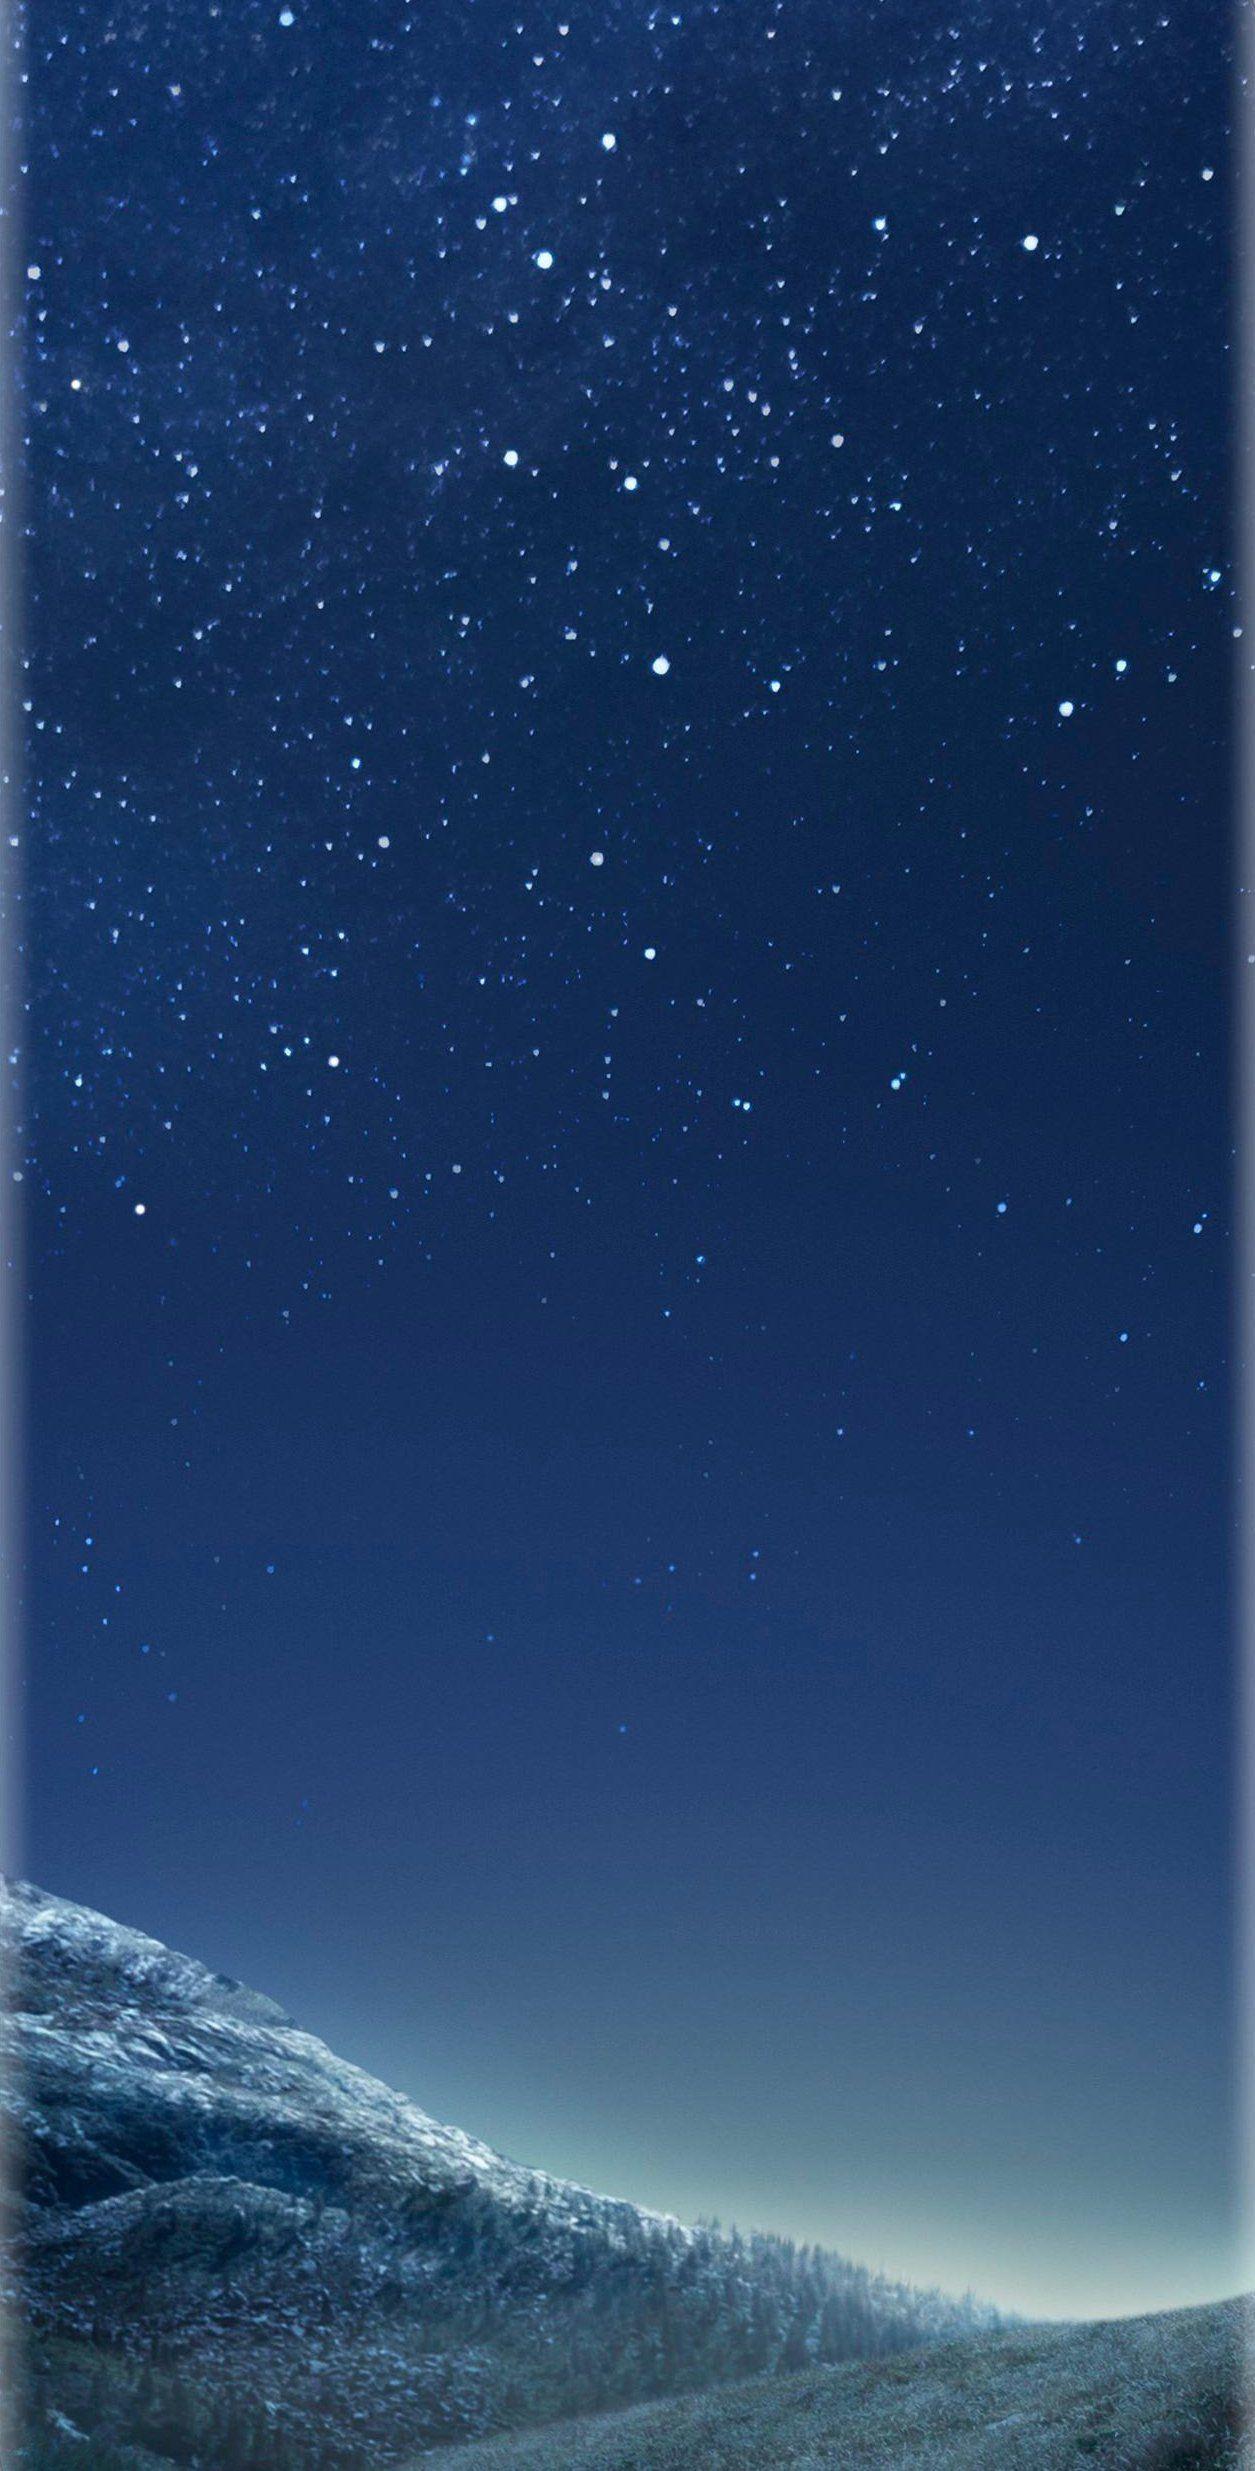 Galaxy S8 Wallpaper Hd 1080p